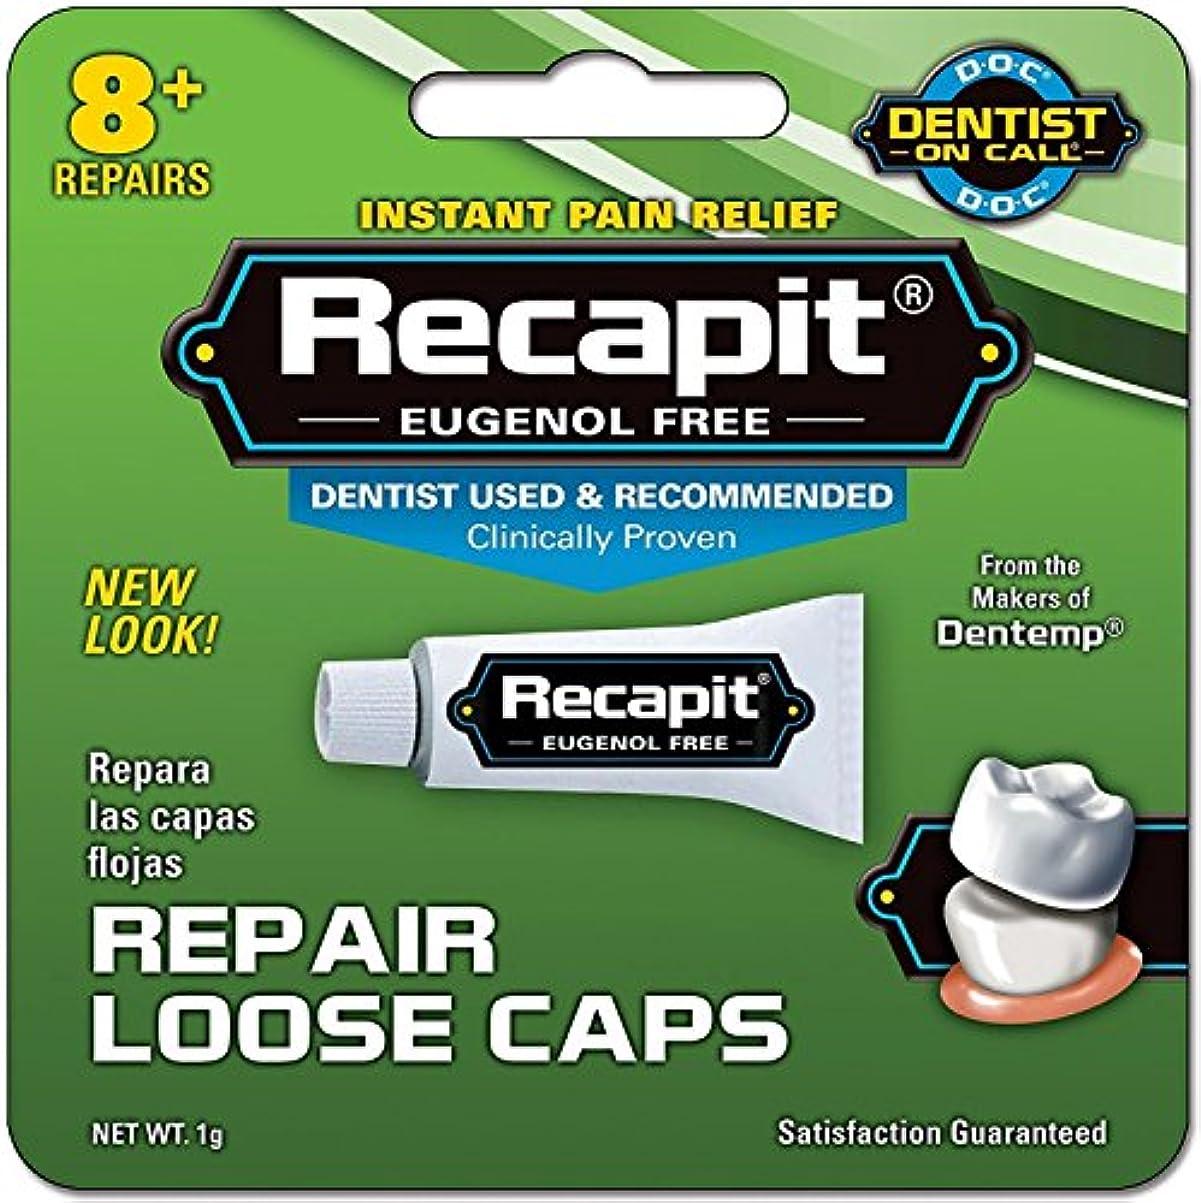 文明歪める争いDoc Recapitルースキャップ歯科修復 - 8つの修理、2パック